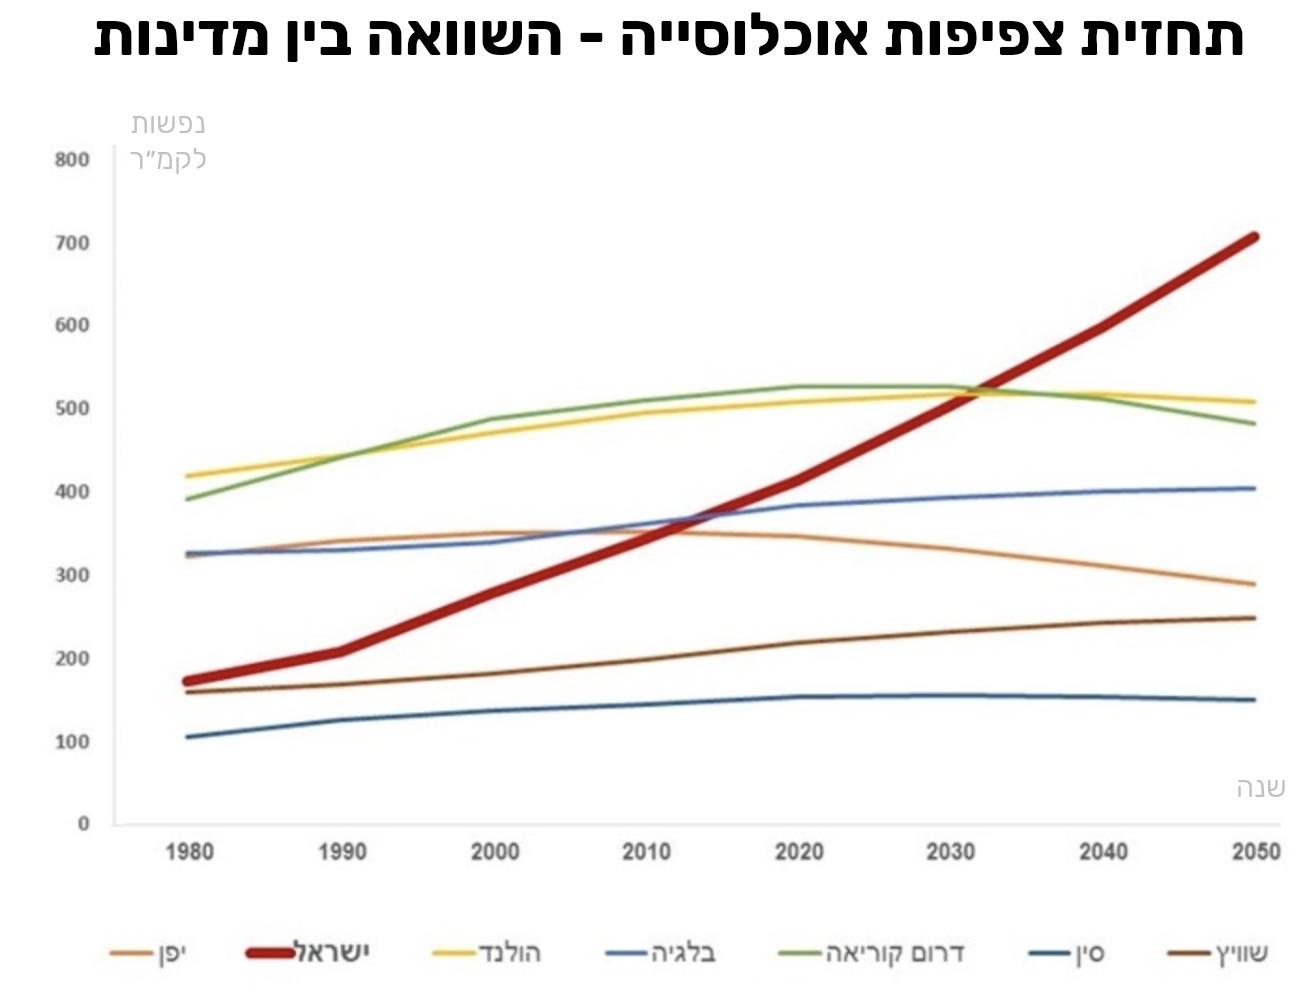 תחזית אוכלוסיית ישראל - השווואה בין מדינות